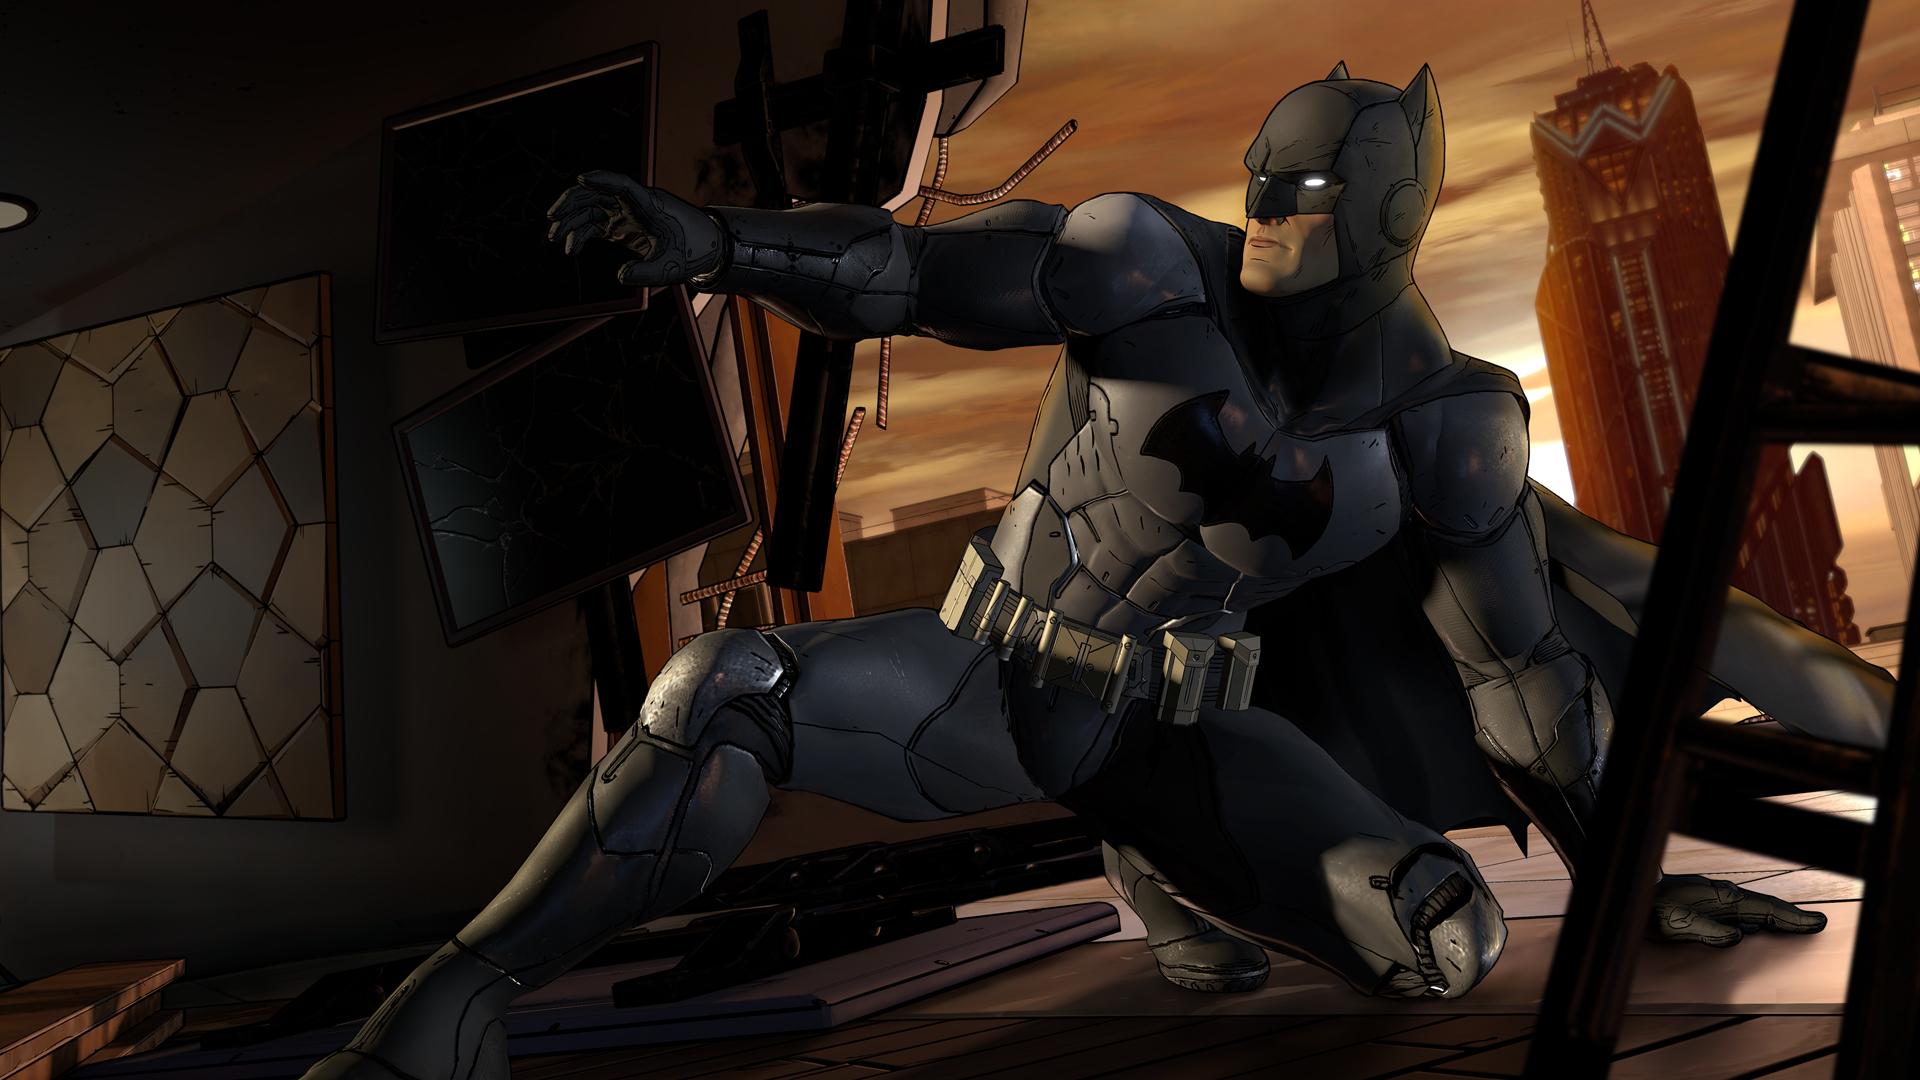 Batman Telltale Episode 3